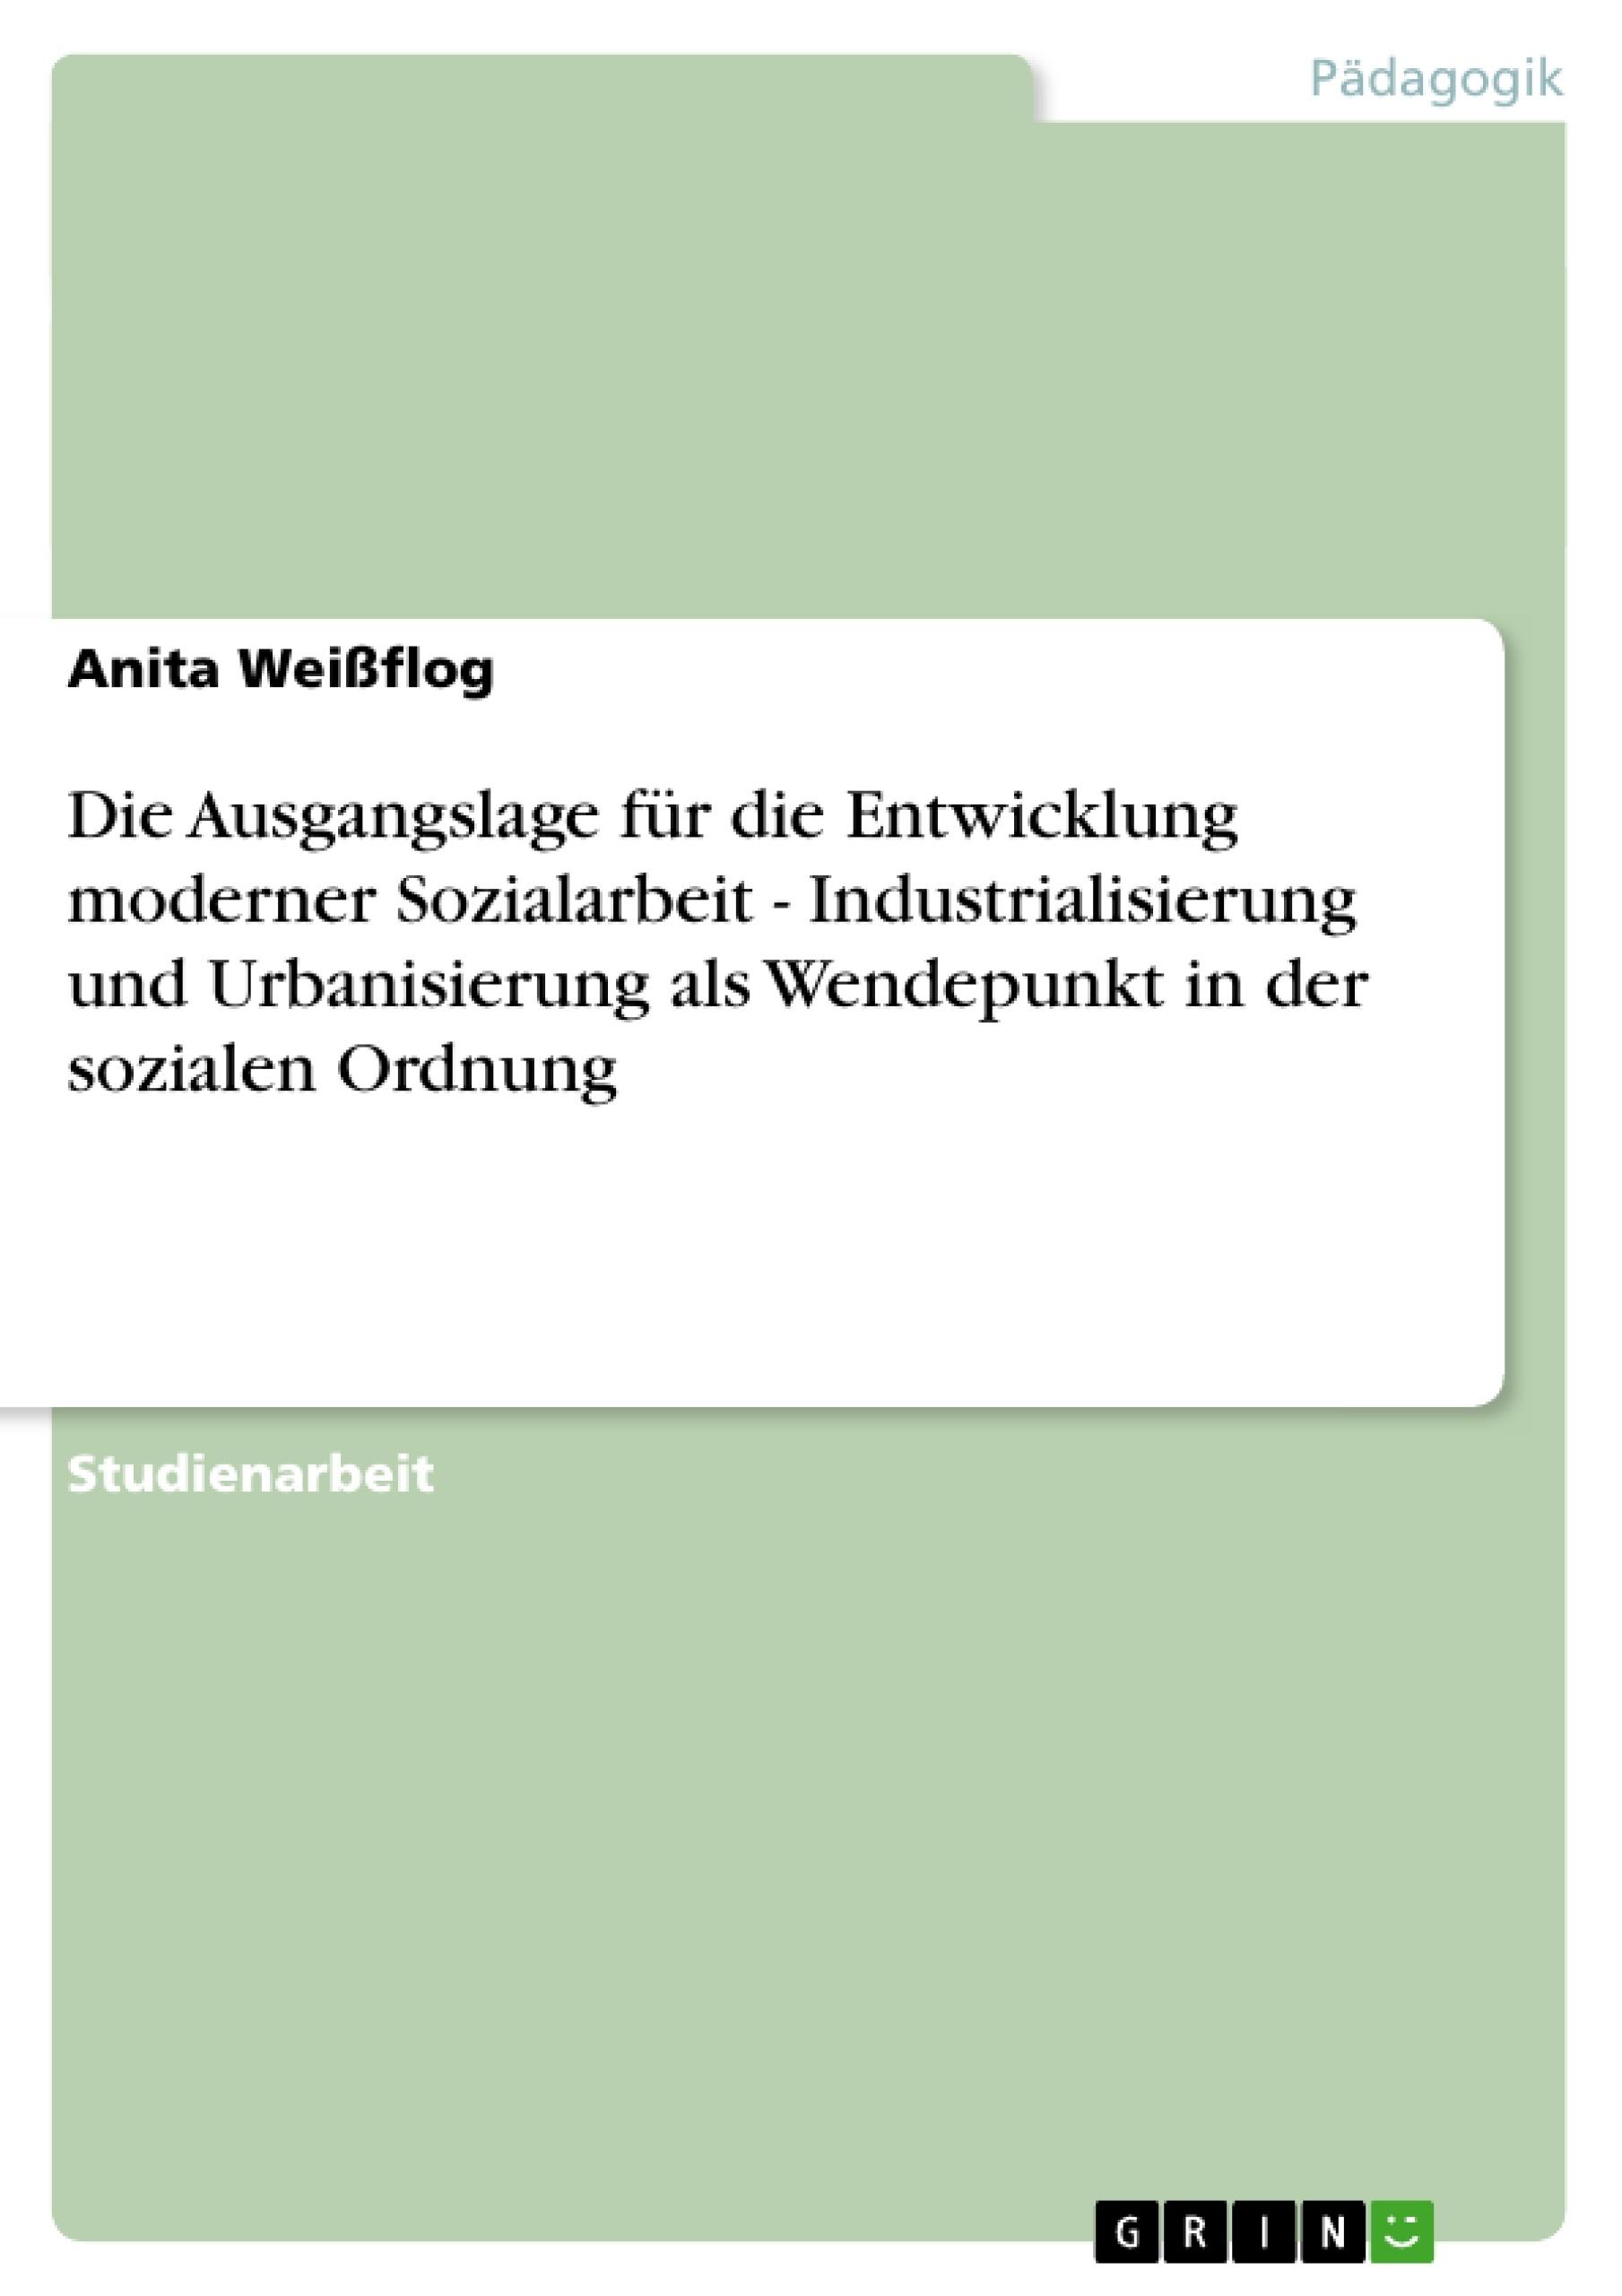 Titel: Die Ausgangslage für die Entwicklung moderner Sozialarbeit - Industrialisierung und Urbanisierung als Wendepunkt in der sozialen Ordnung